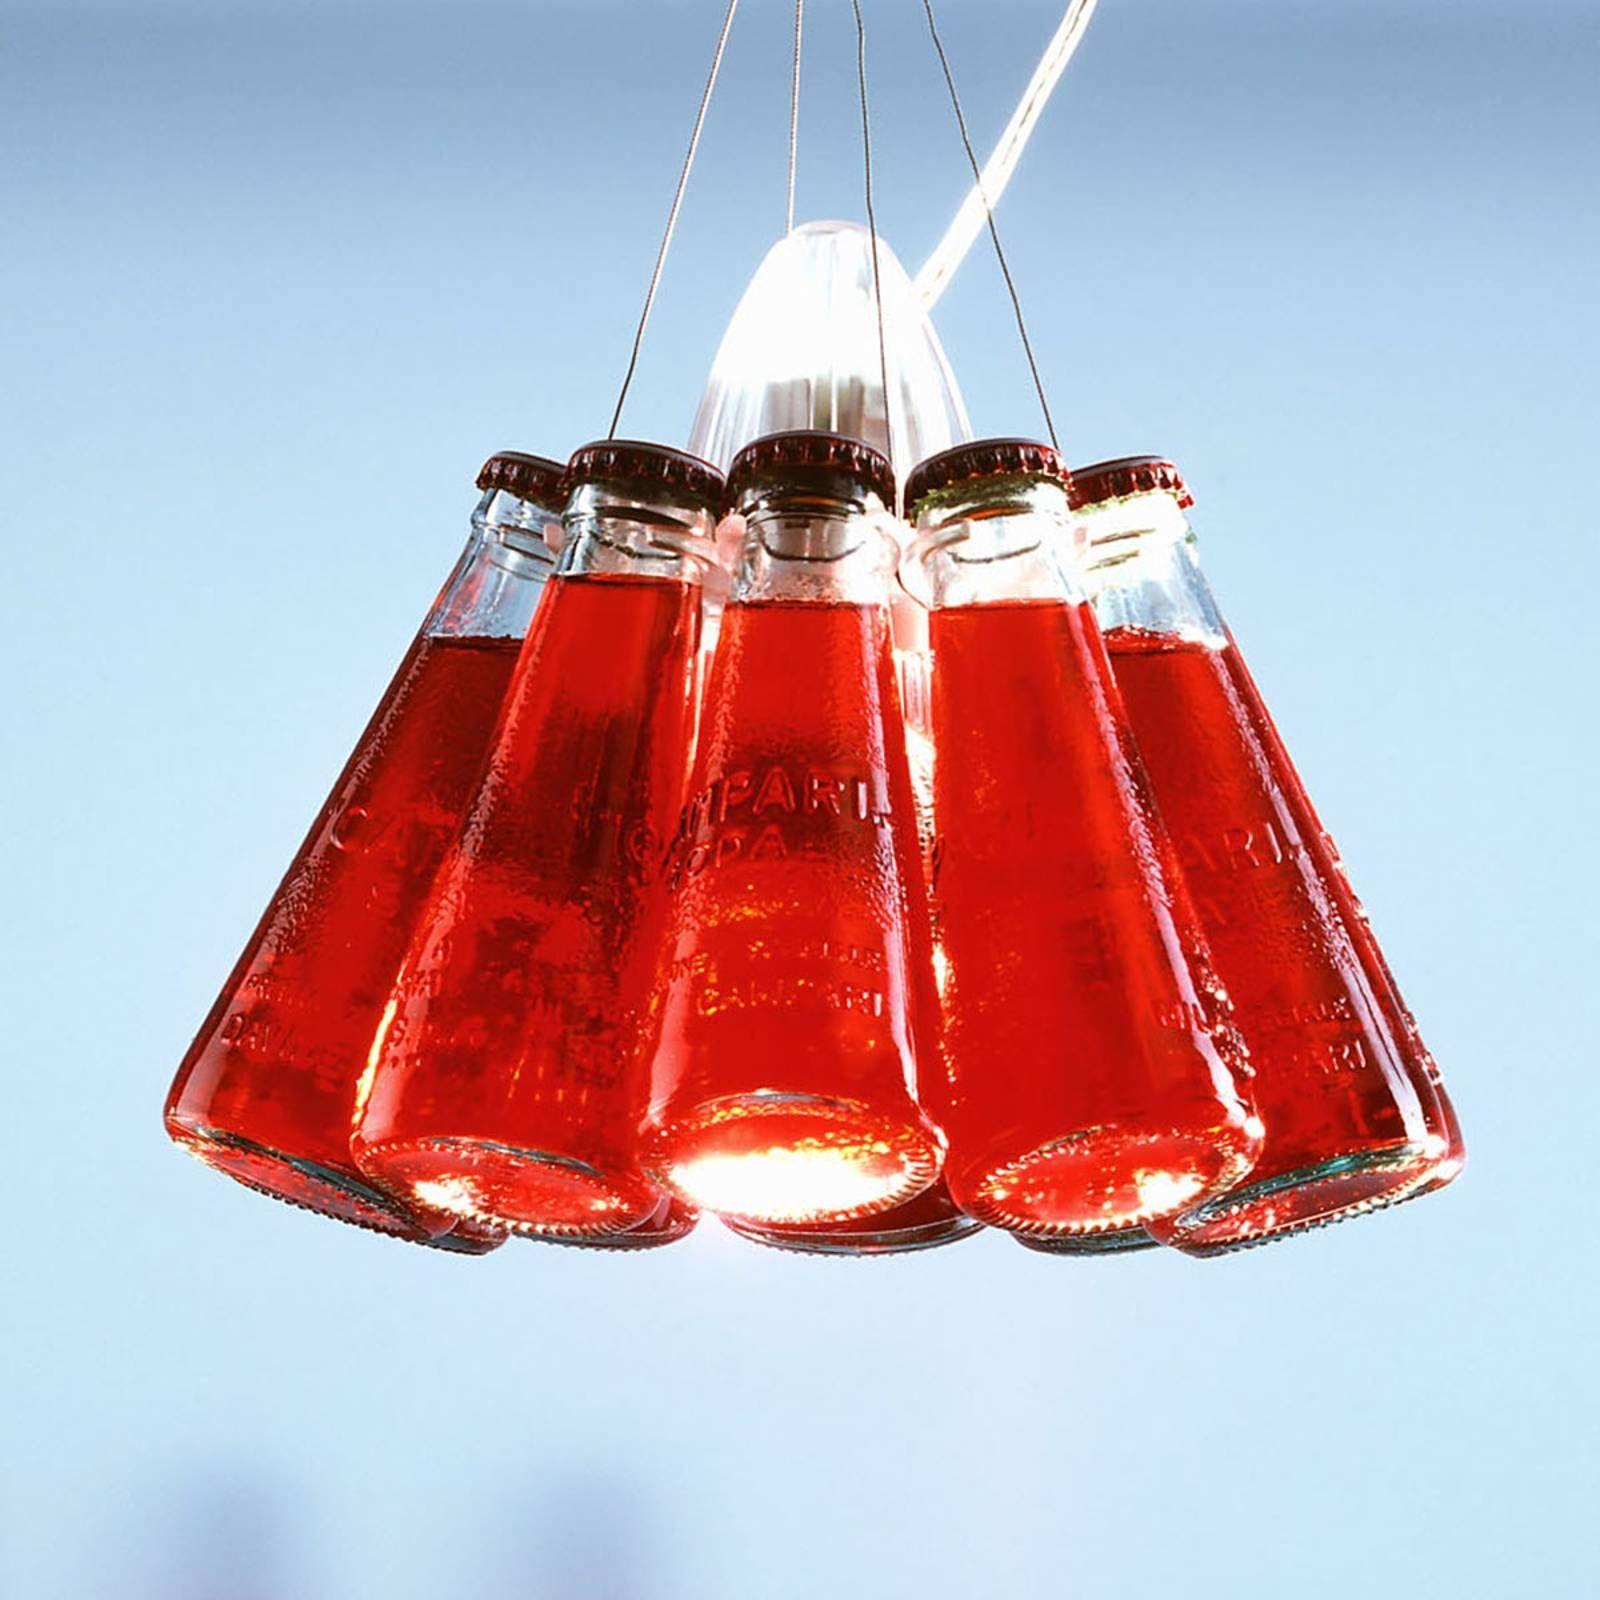 Campari Light: lámpara colgante de diseño con diez botellas de Campari Soda auténticas La lámpara colgante Campari Light de Ingo Maurer constituye ¡el atractivo de cualquier coctelería! Para su creación no se han limitado a rellenar botellas de vidrio simplemente con agua con colorante rojo y a servirlas como una Campari. Ni por asomo. Se trata de diez botellas Campari Soda originales que, en su conjunto, conforman la sensacional lámpara colgante Campari Light. En el centro de las botellas dispu